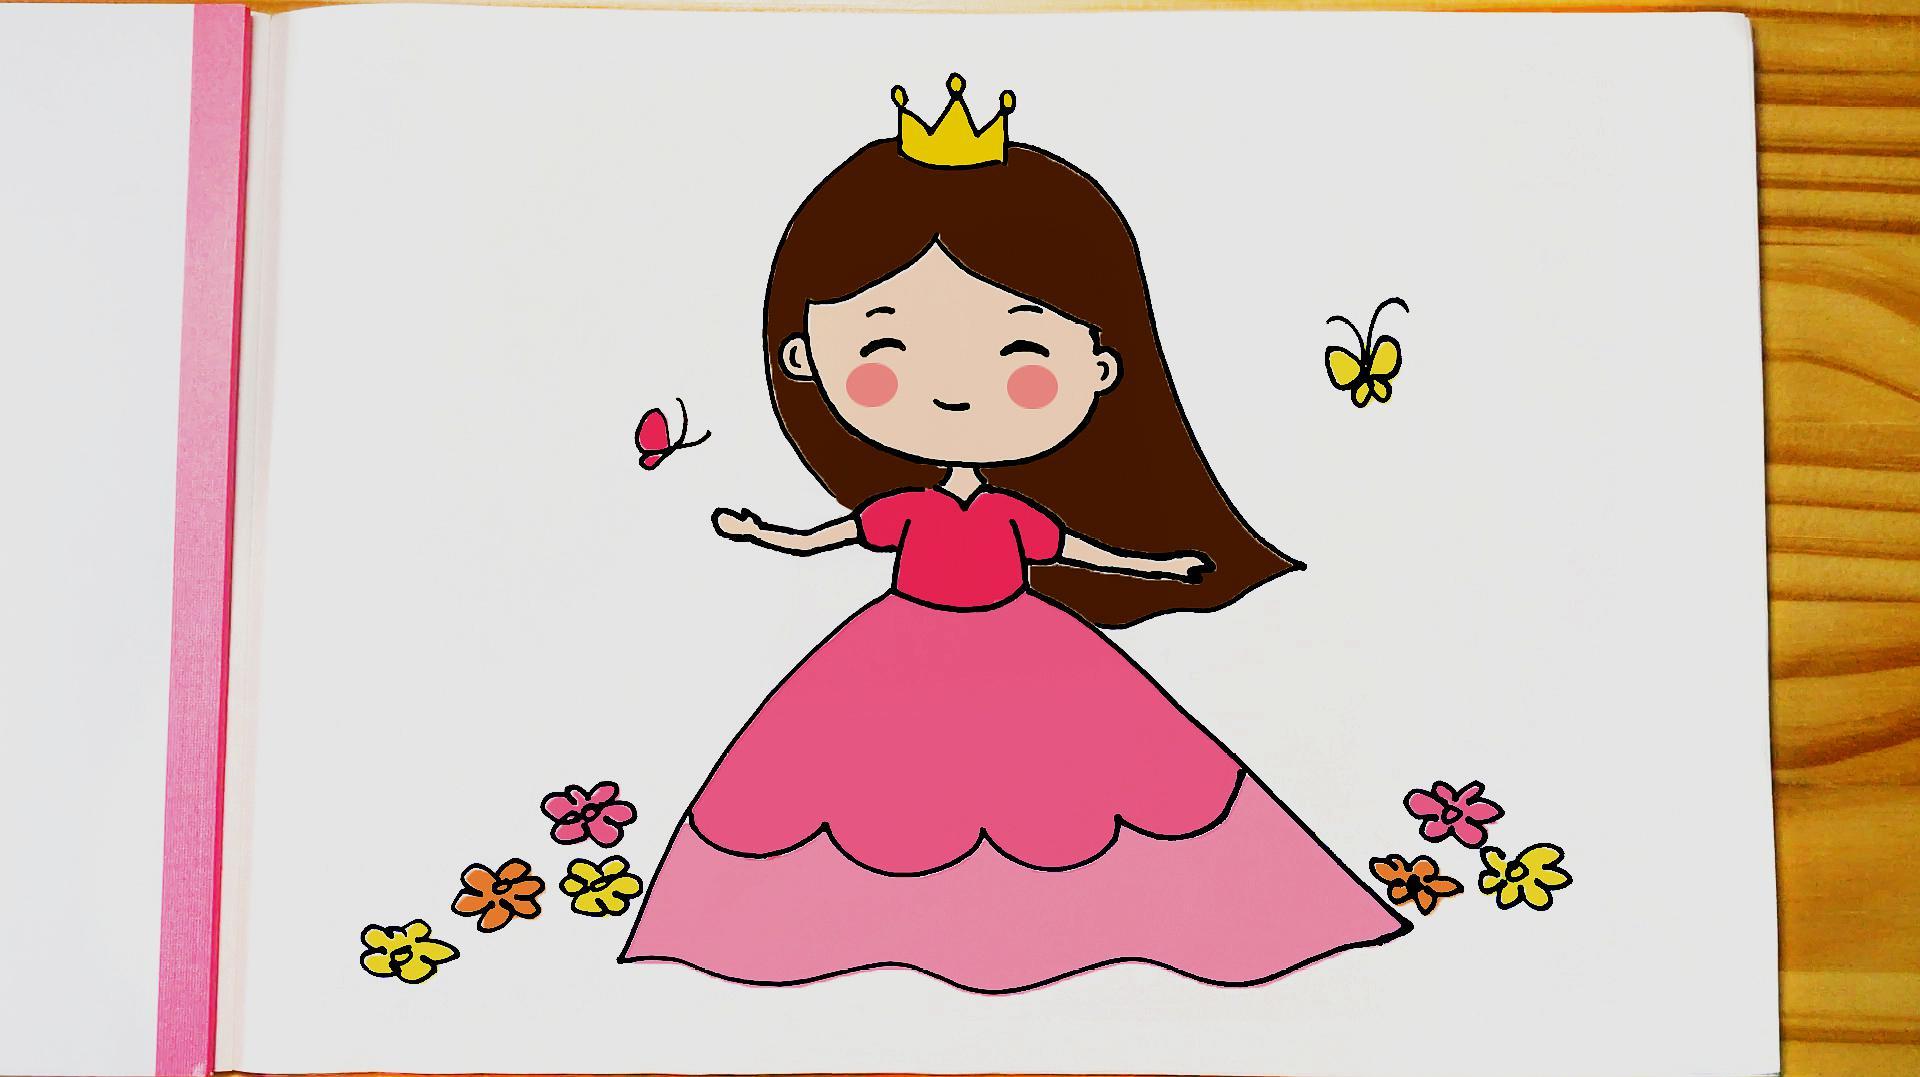 兒童簡筆畫教程|小公主和蝴蝶在花叢中翩翩起舞,簡單可愛